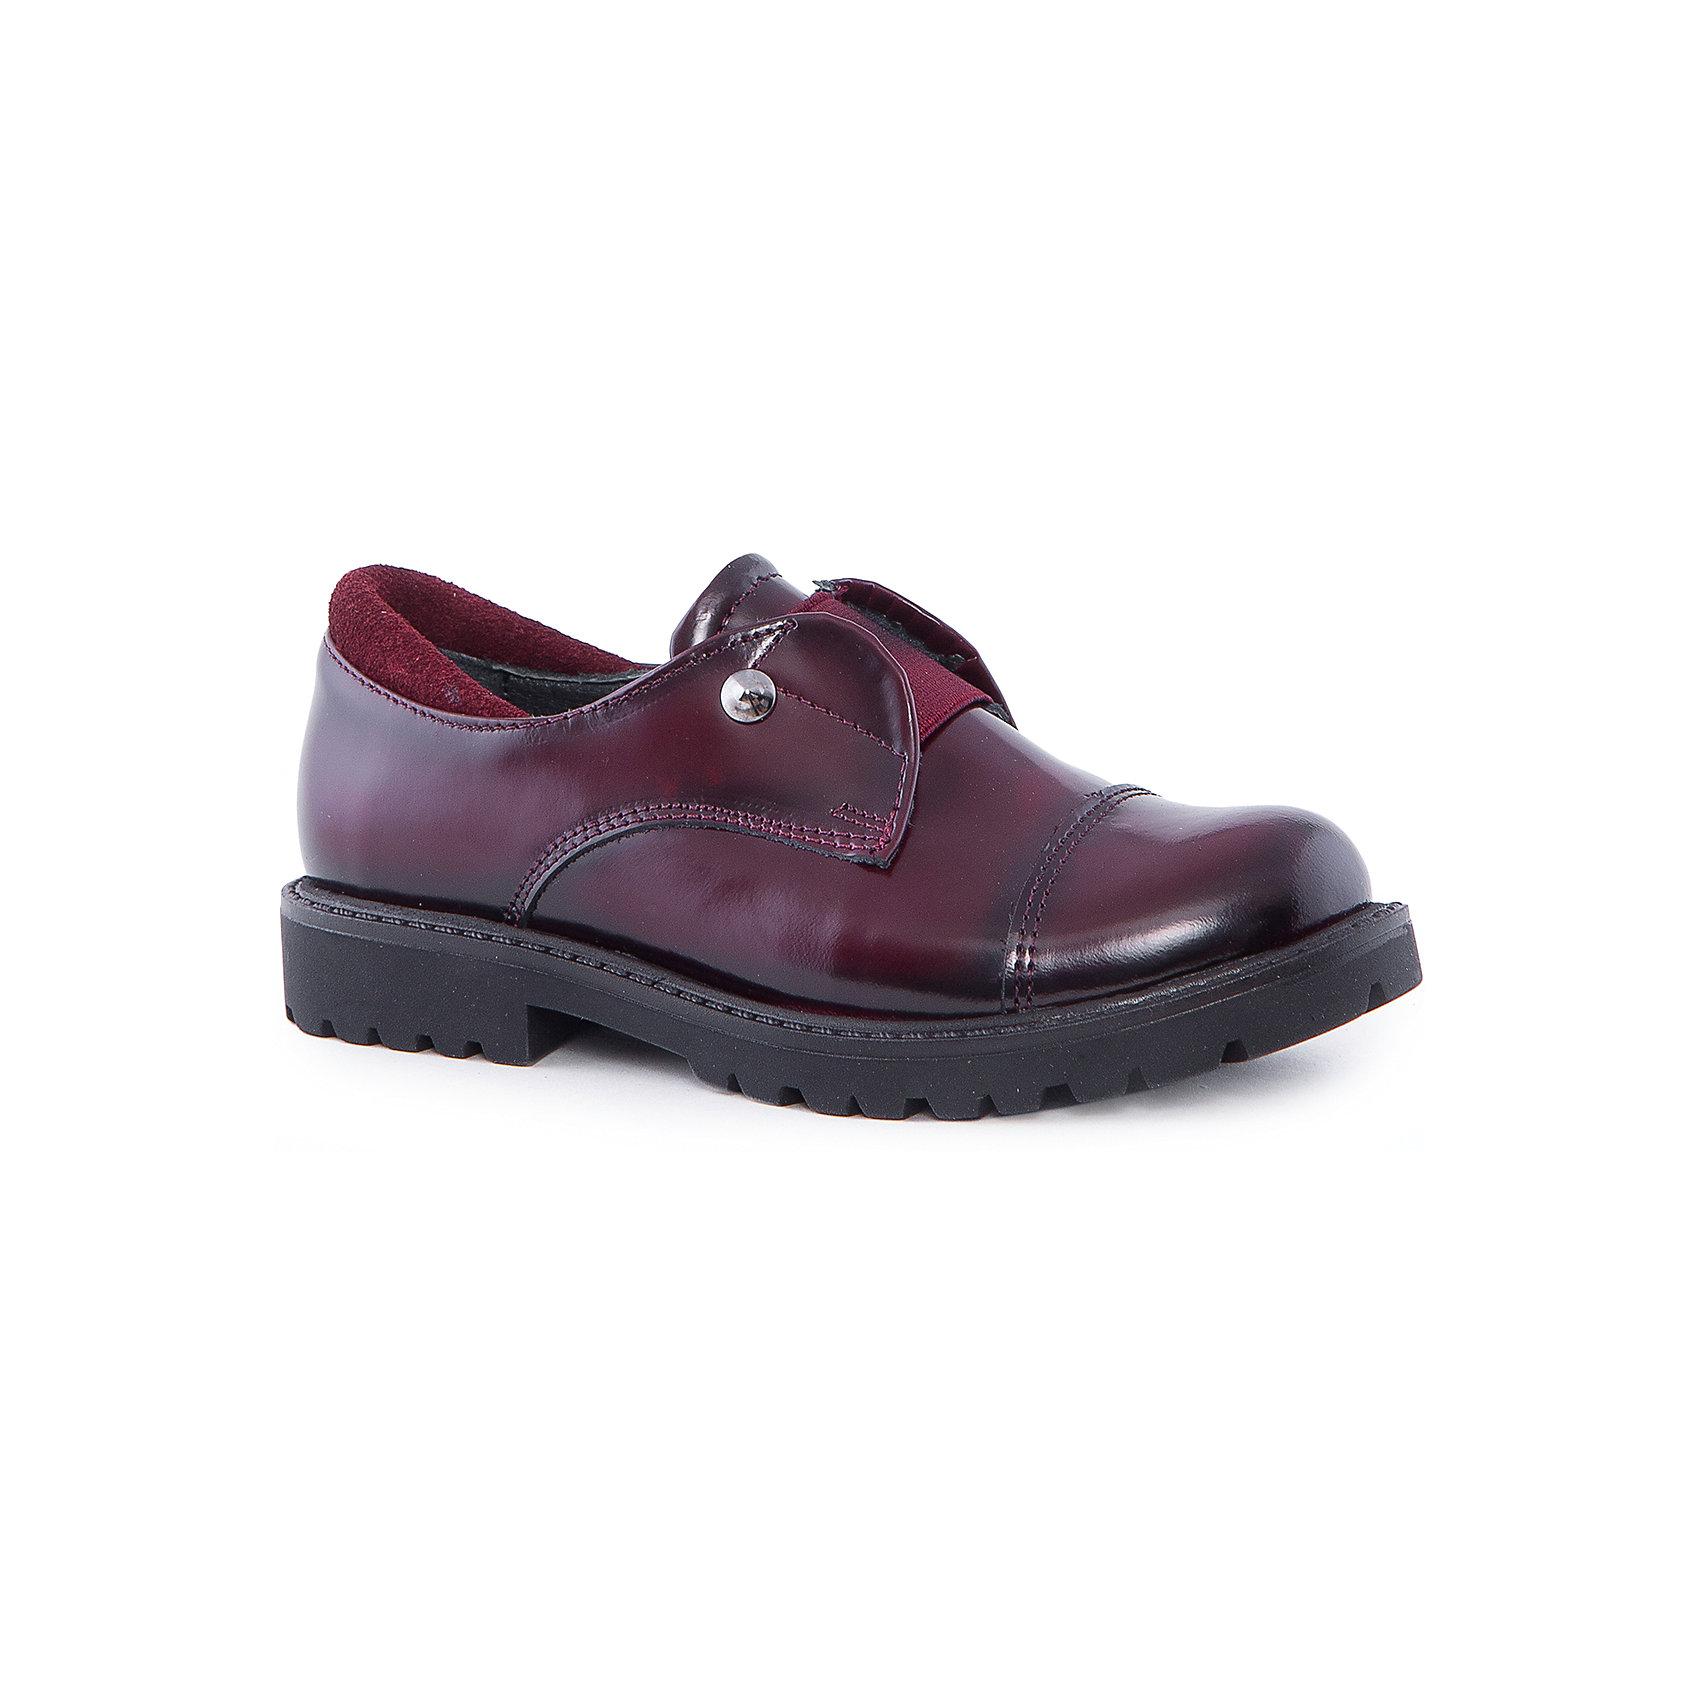 Полуботинки для девочки MinimenОбувь<br>Ботинки из натуральной кожи от Minimen. Эти ботинки имеют плотную резиновую подошву, исключающую намокание ног у ребенка. Ортопедическая стелька поможет избежать плоскостопия. Двойная прошивка швов обеспечит долговечность обуви. Ботиночки застегиваются с помощью ремешка.<br><br>Дополнительная информация:<br>Стелька: супинатор<br>Цвет: бордовый<br>Сезон: осень-зима<br>Материал: 100% кожа<br><br>Полуботинки Minimen вы можете купить в нашем интернет-магазине.<br><br>Ширина мм: 262<br>Глубина мм: 176<br>Высота мм: 97<br>Вес г: 427<br>Цвет: красный<br>Возраст от месяцев: 24<br>Возраст до месяцев: 36<br>Пол: Женский<br>Возраст: Детский<br>Размер: 26,30,27,28,29<br>SKU: 4969900